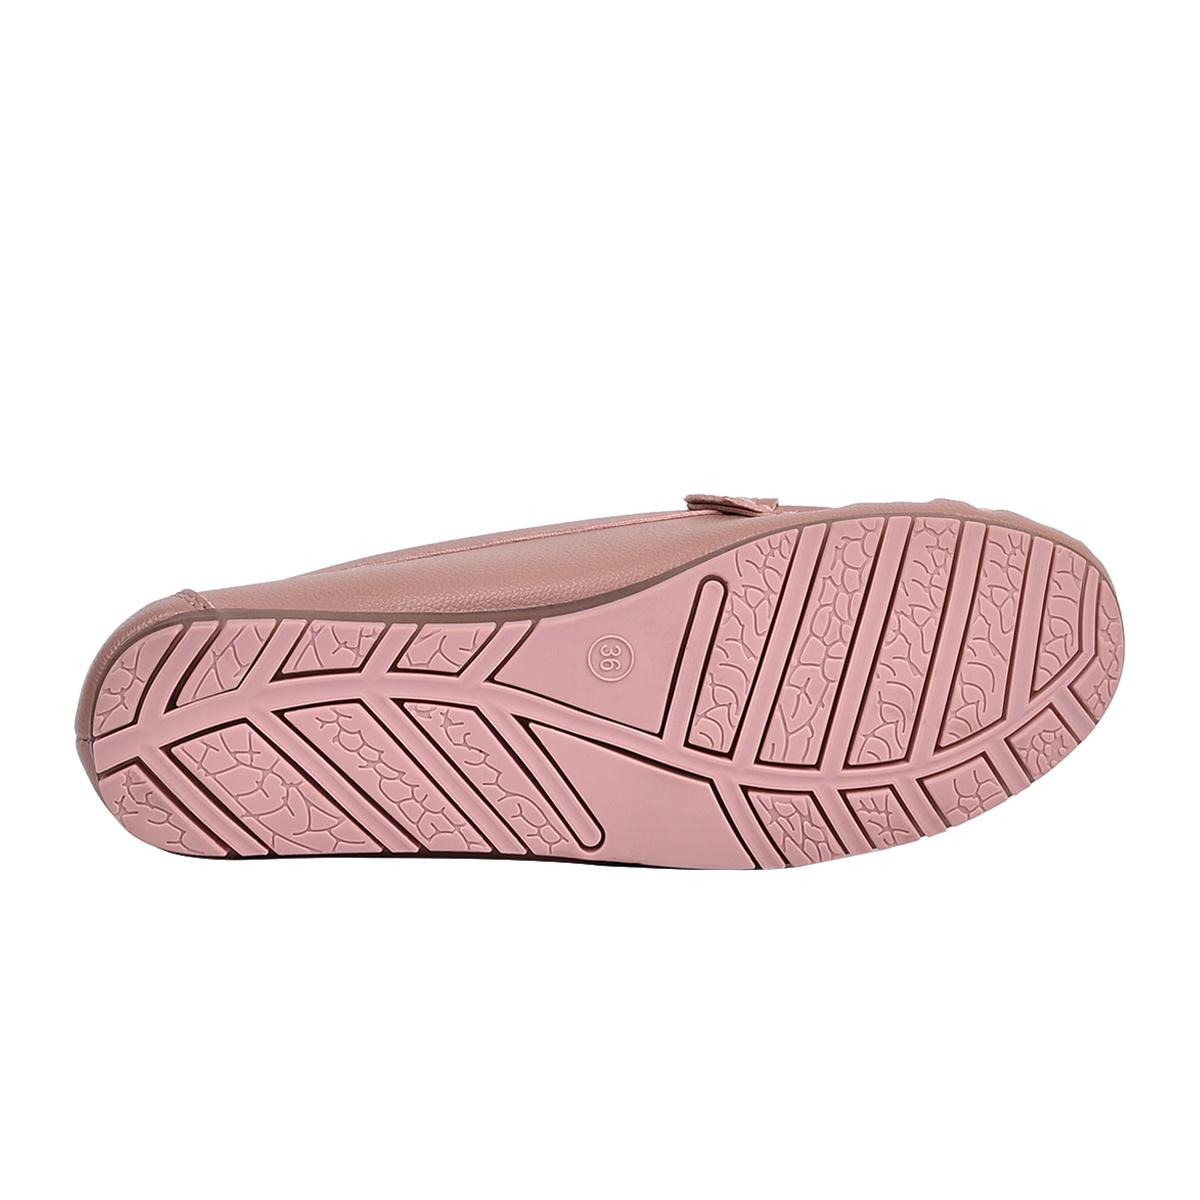 Giày lười nữ Zucia thiết kế mũi vuông họa tiết cắt Lazer kèm khóa kim loại - GHL47